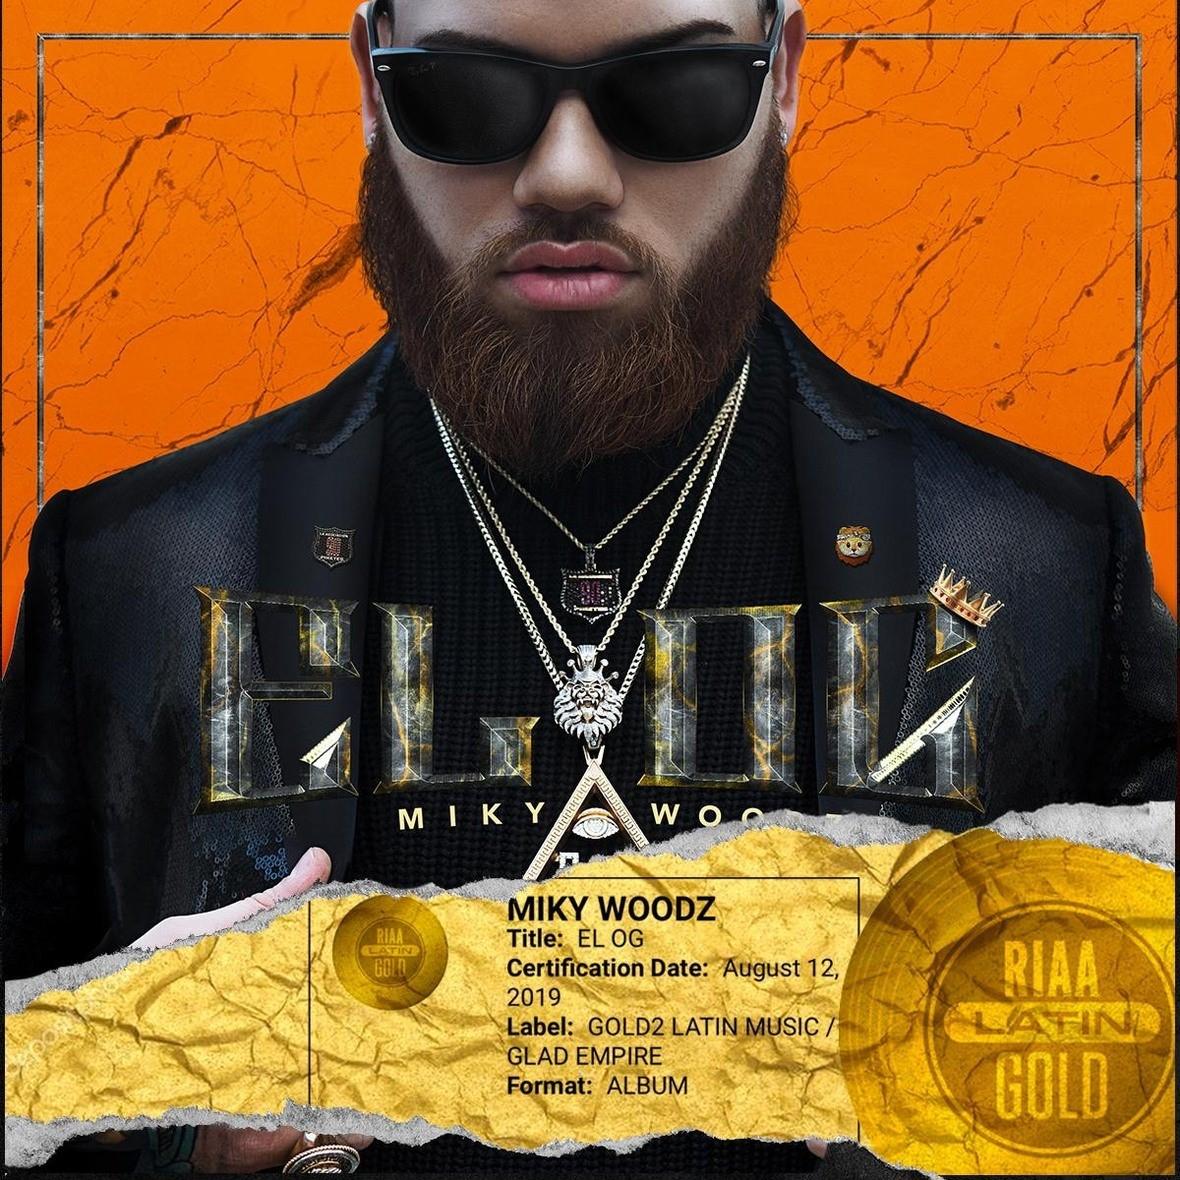 Miky Woodz, se alza con una certificación de Disco de Oro otorgada por la RIAA